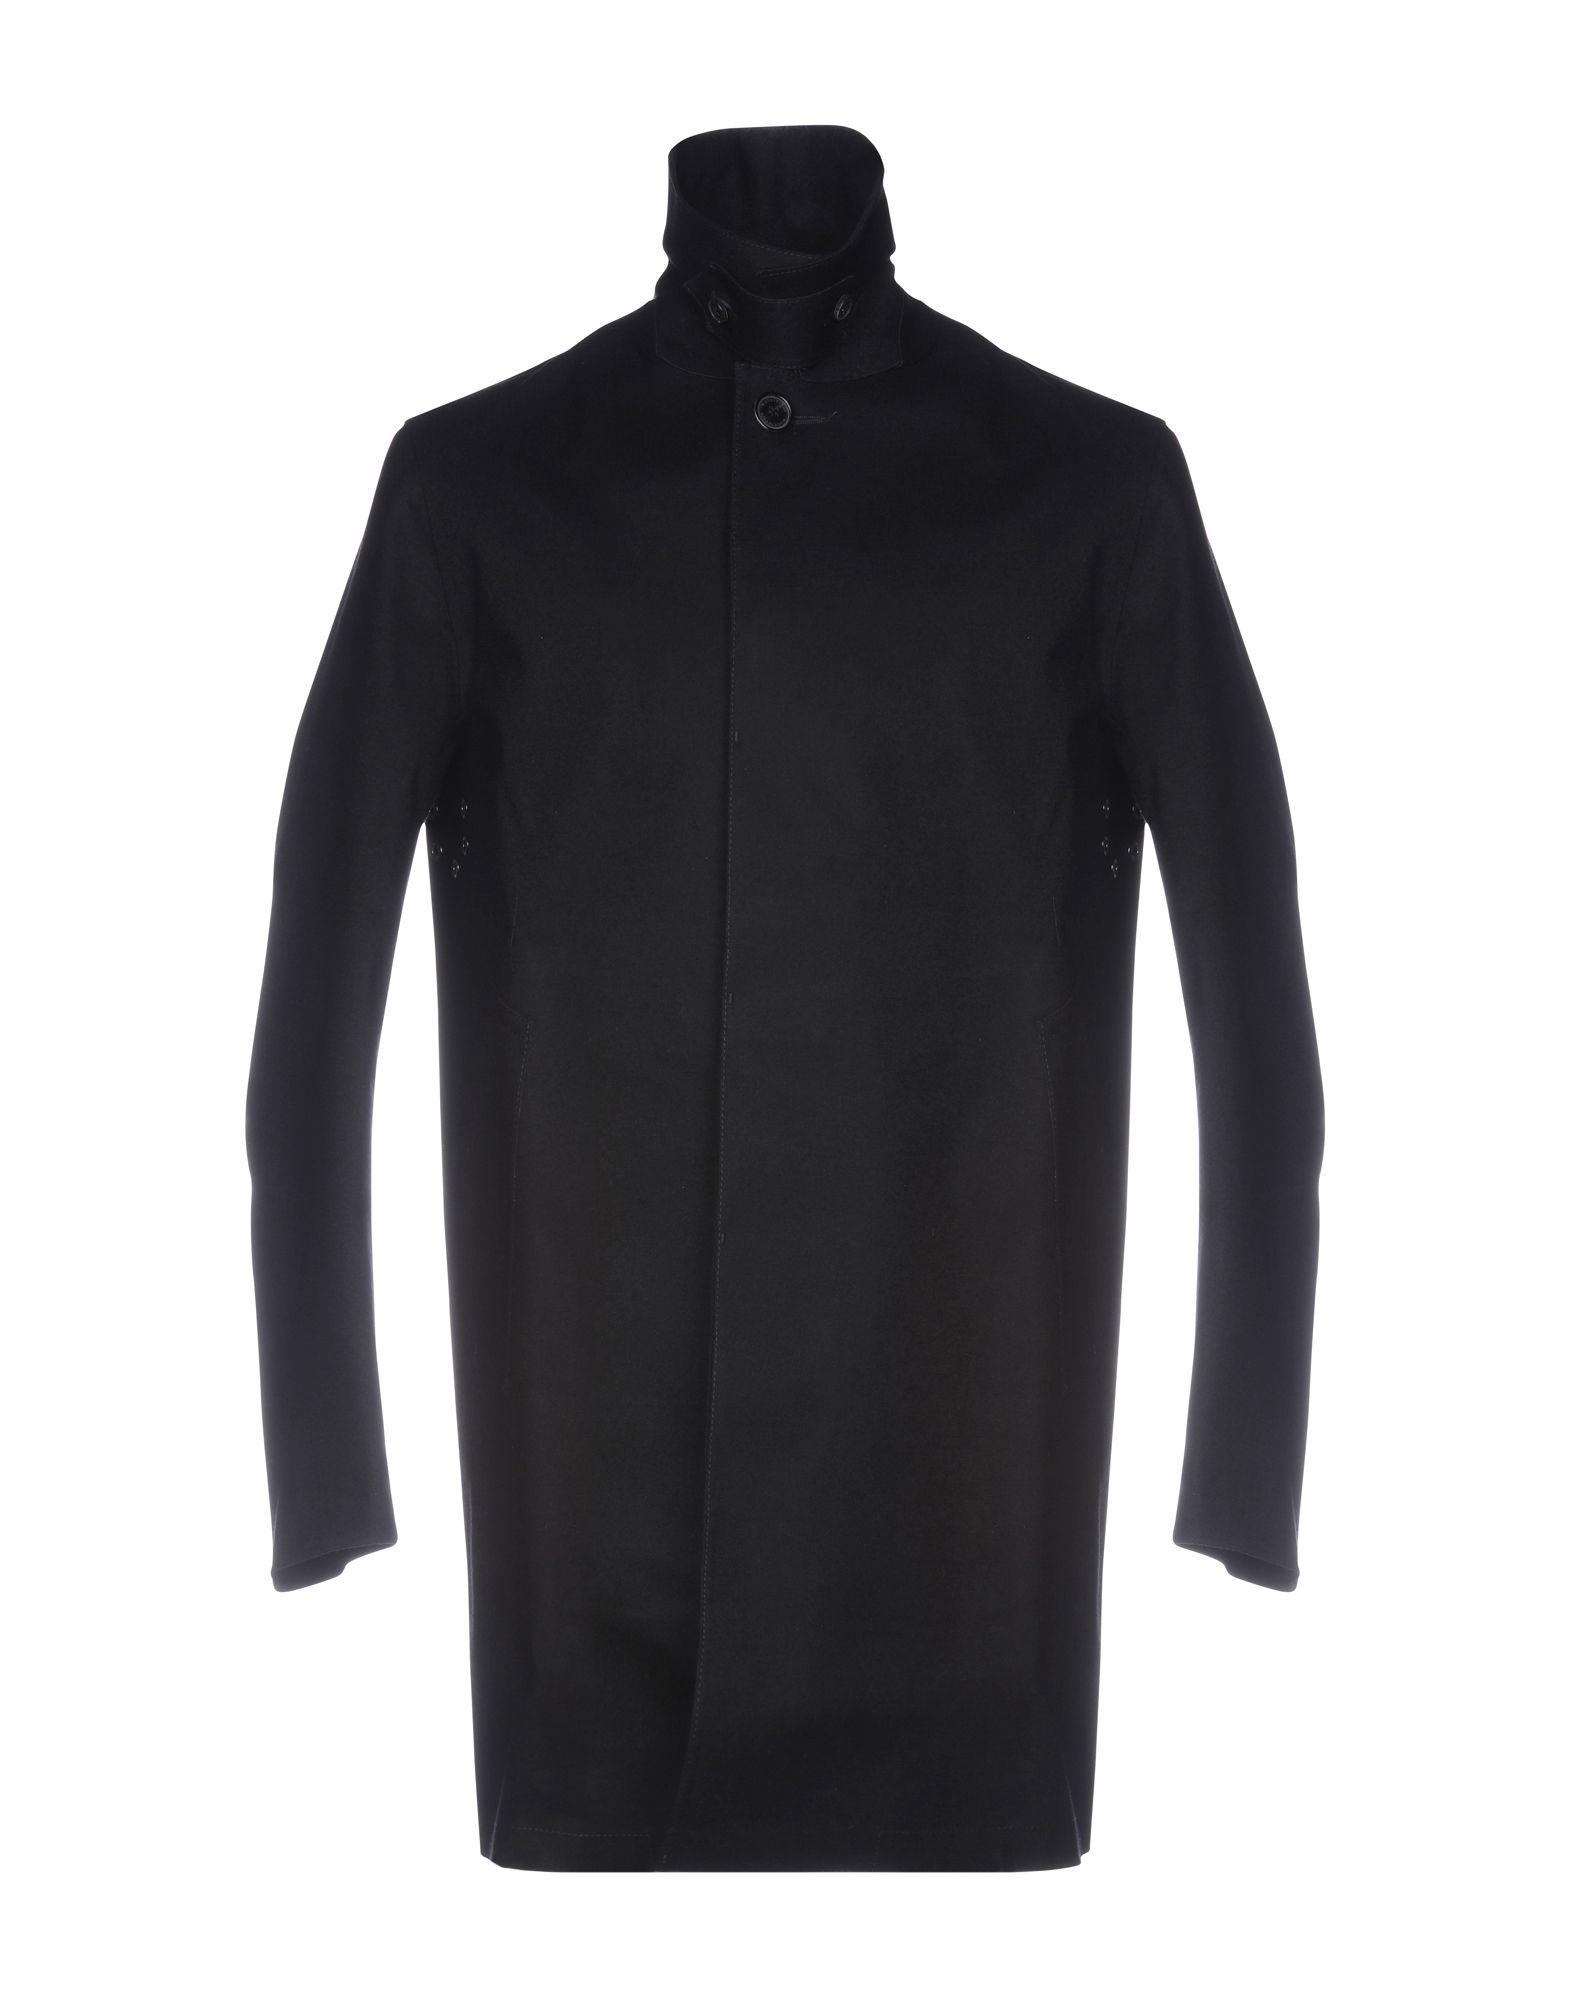 《送料無料》MACKINTOSH メンズ コート ブラック 40 ウール 100% / コットン